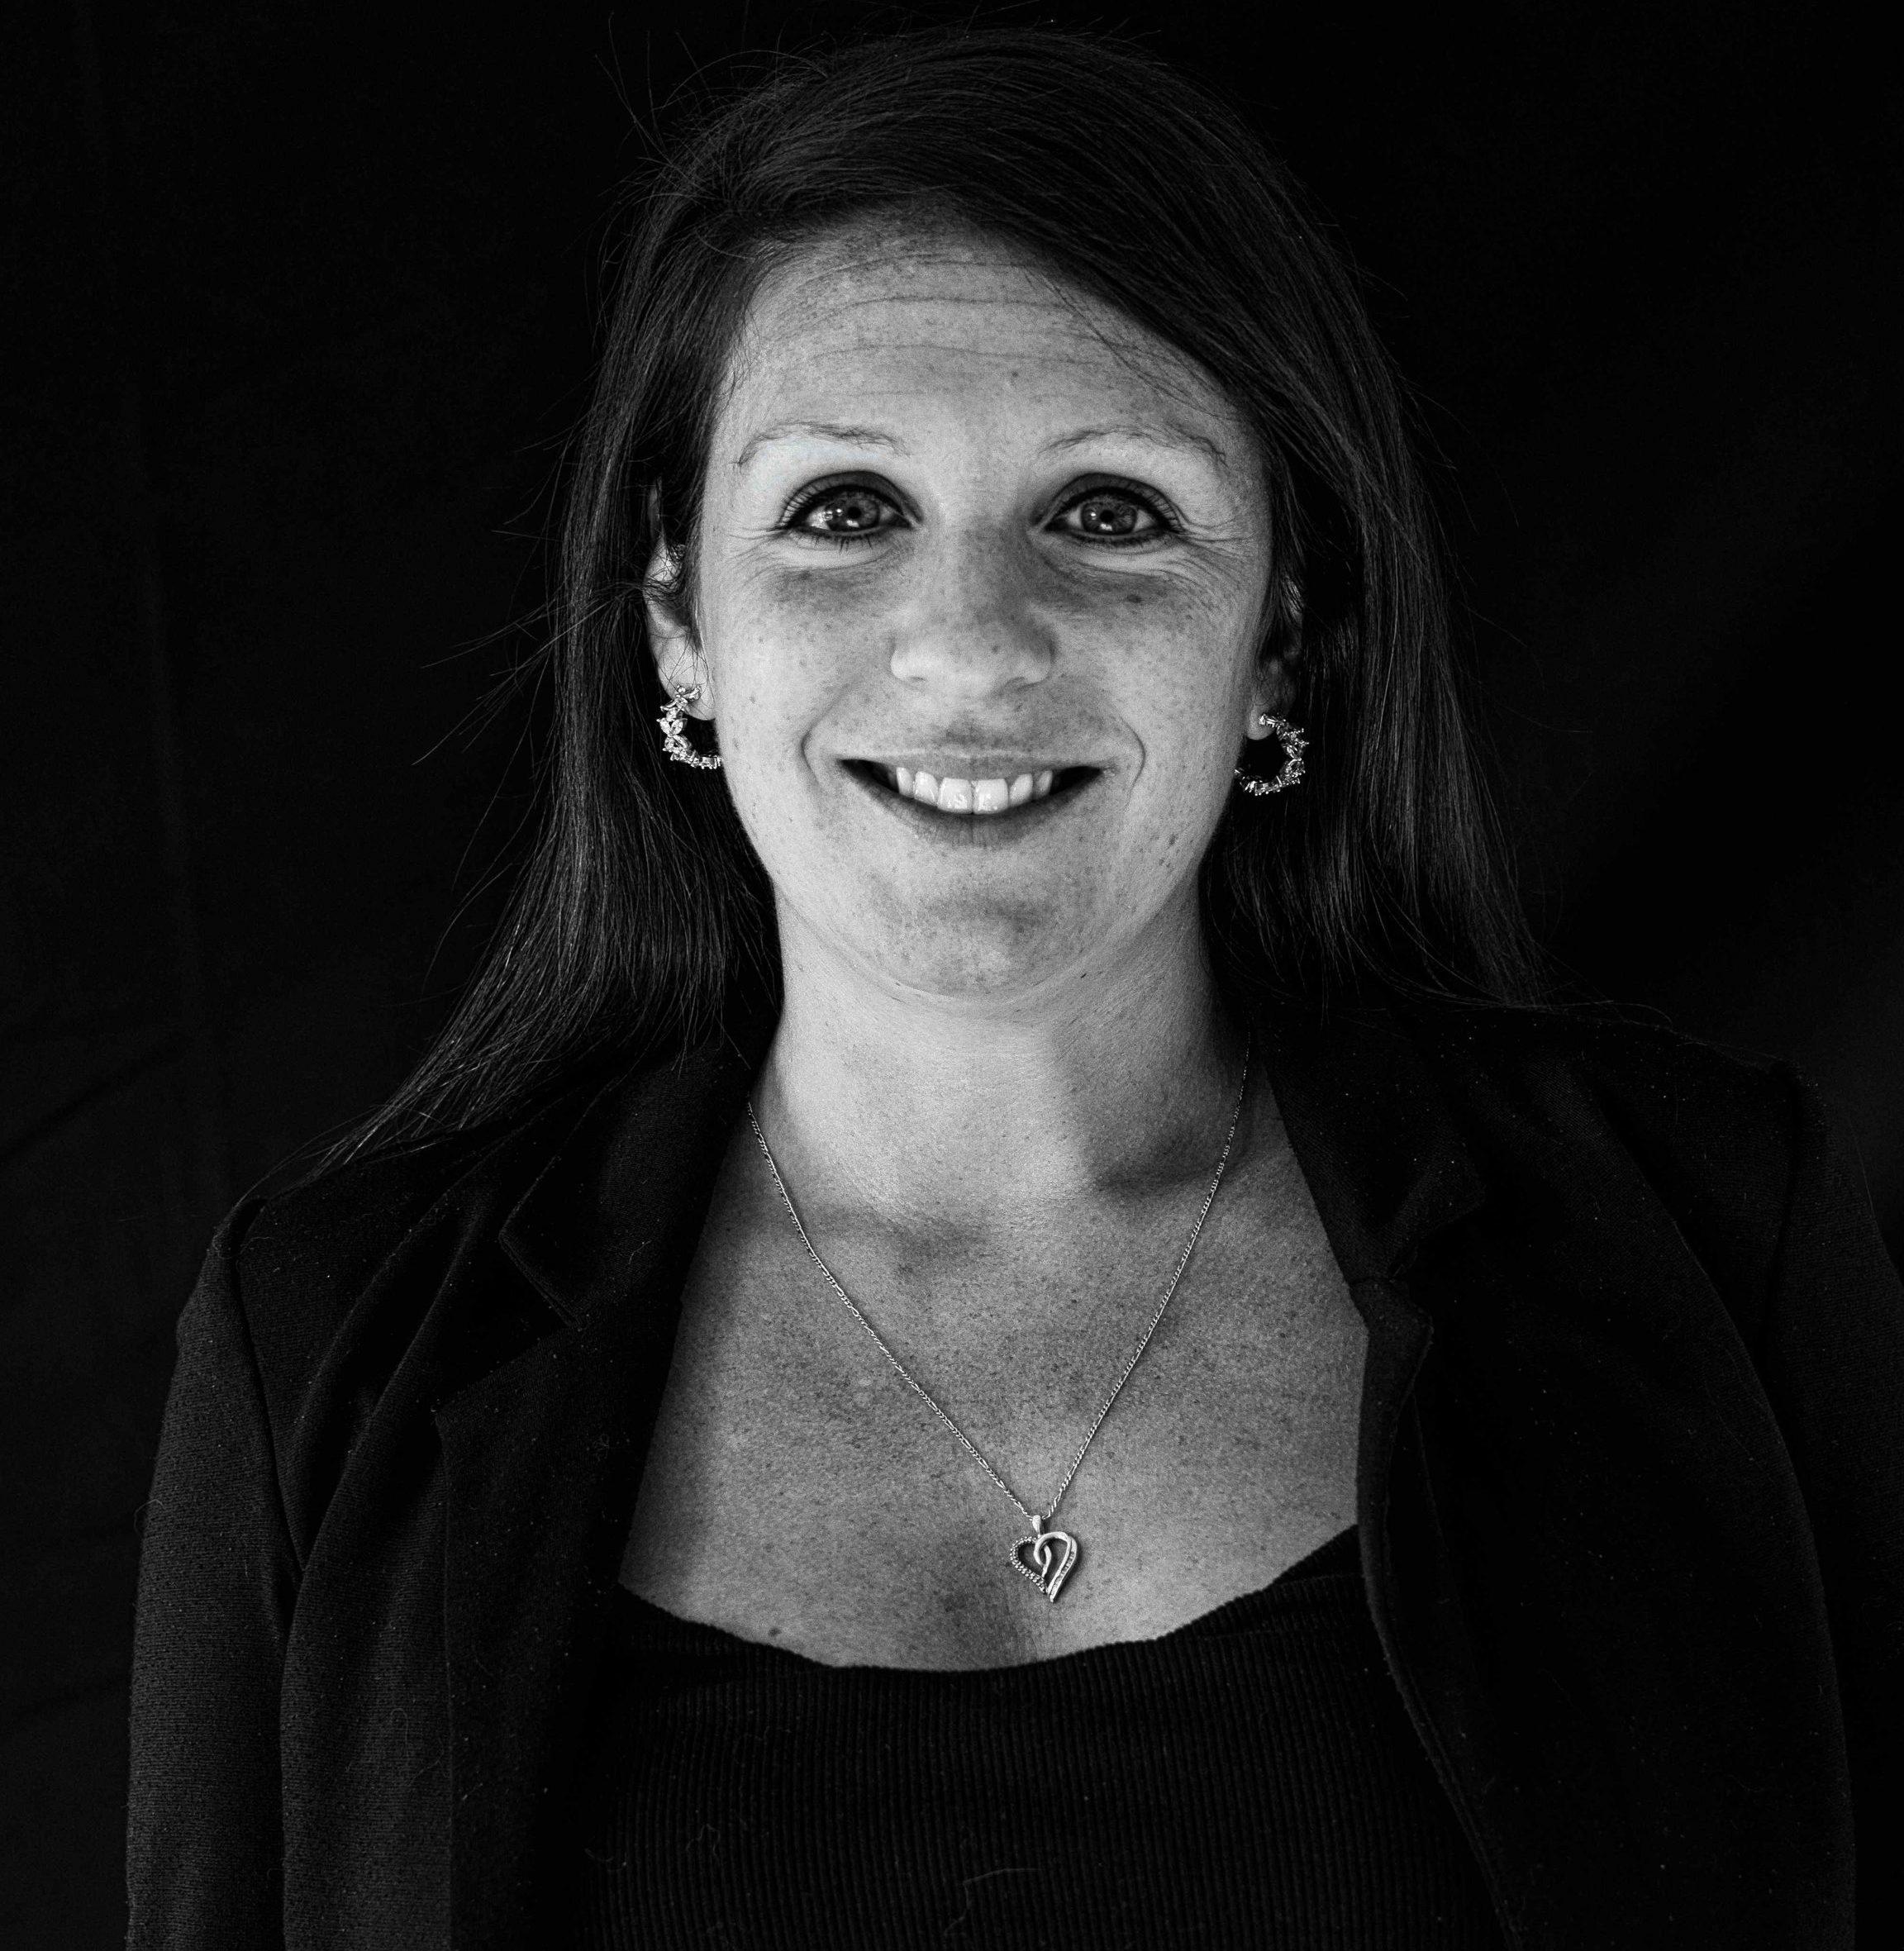 Jennifer Kolter